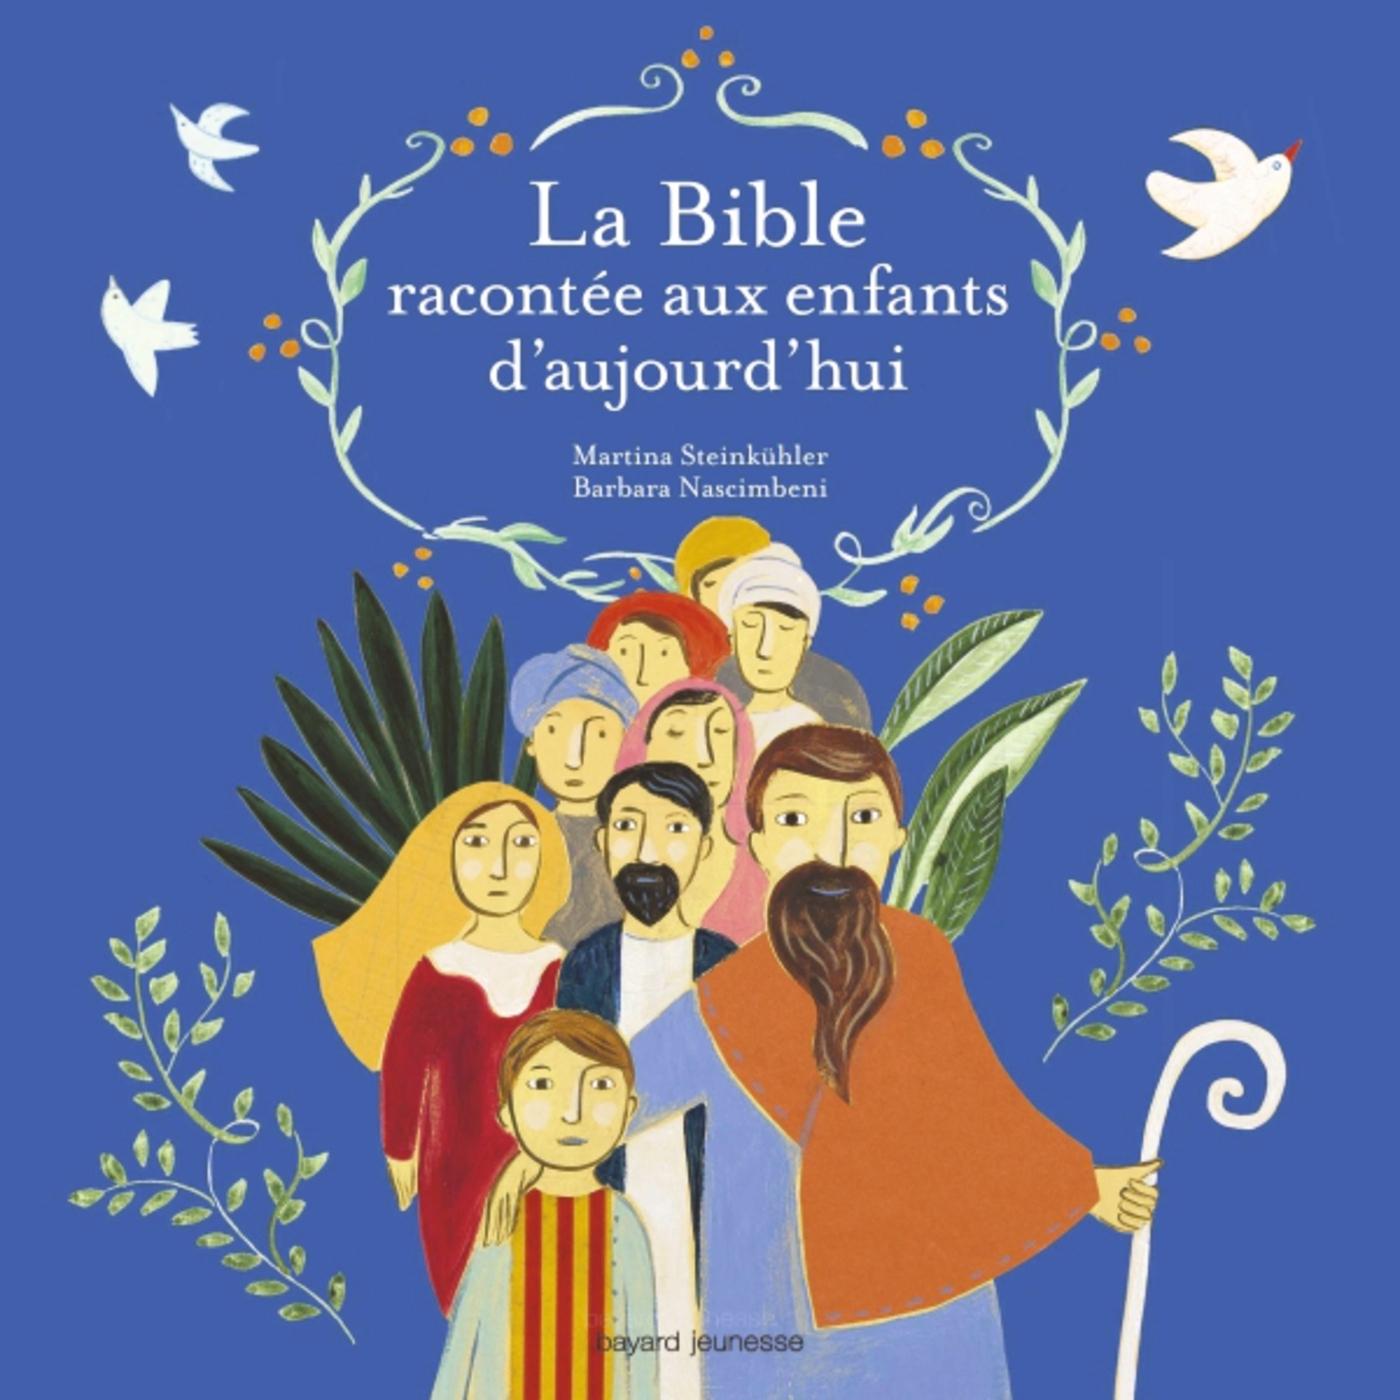 LA BIBLE RACONTEE AUX ENFANTS D'AUJOURD'HUI